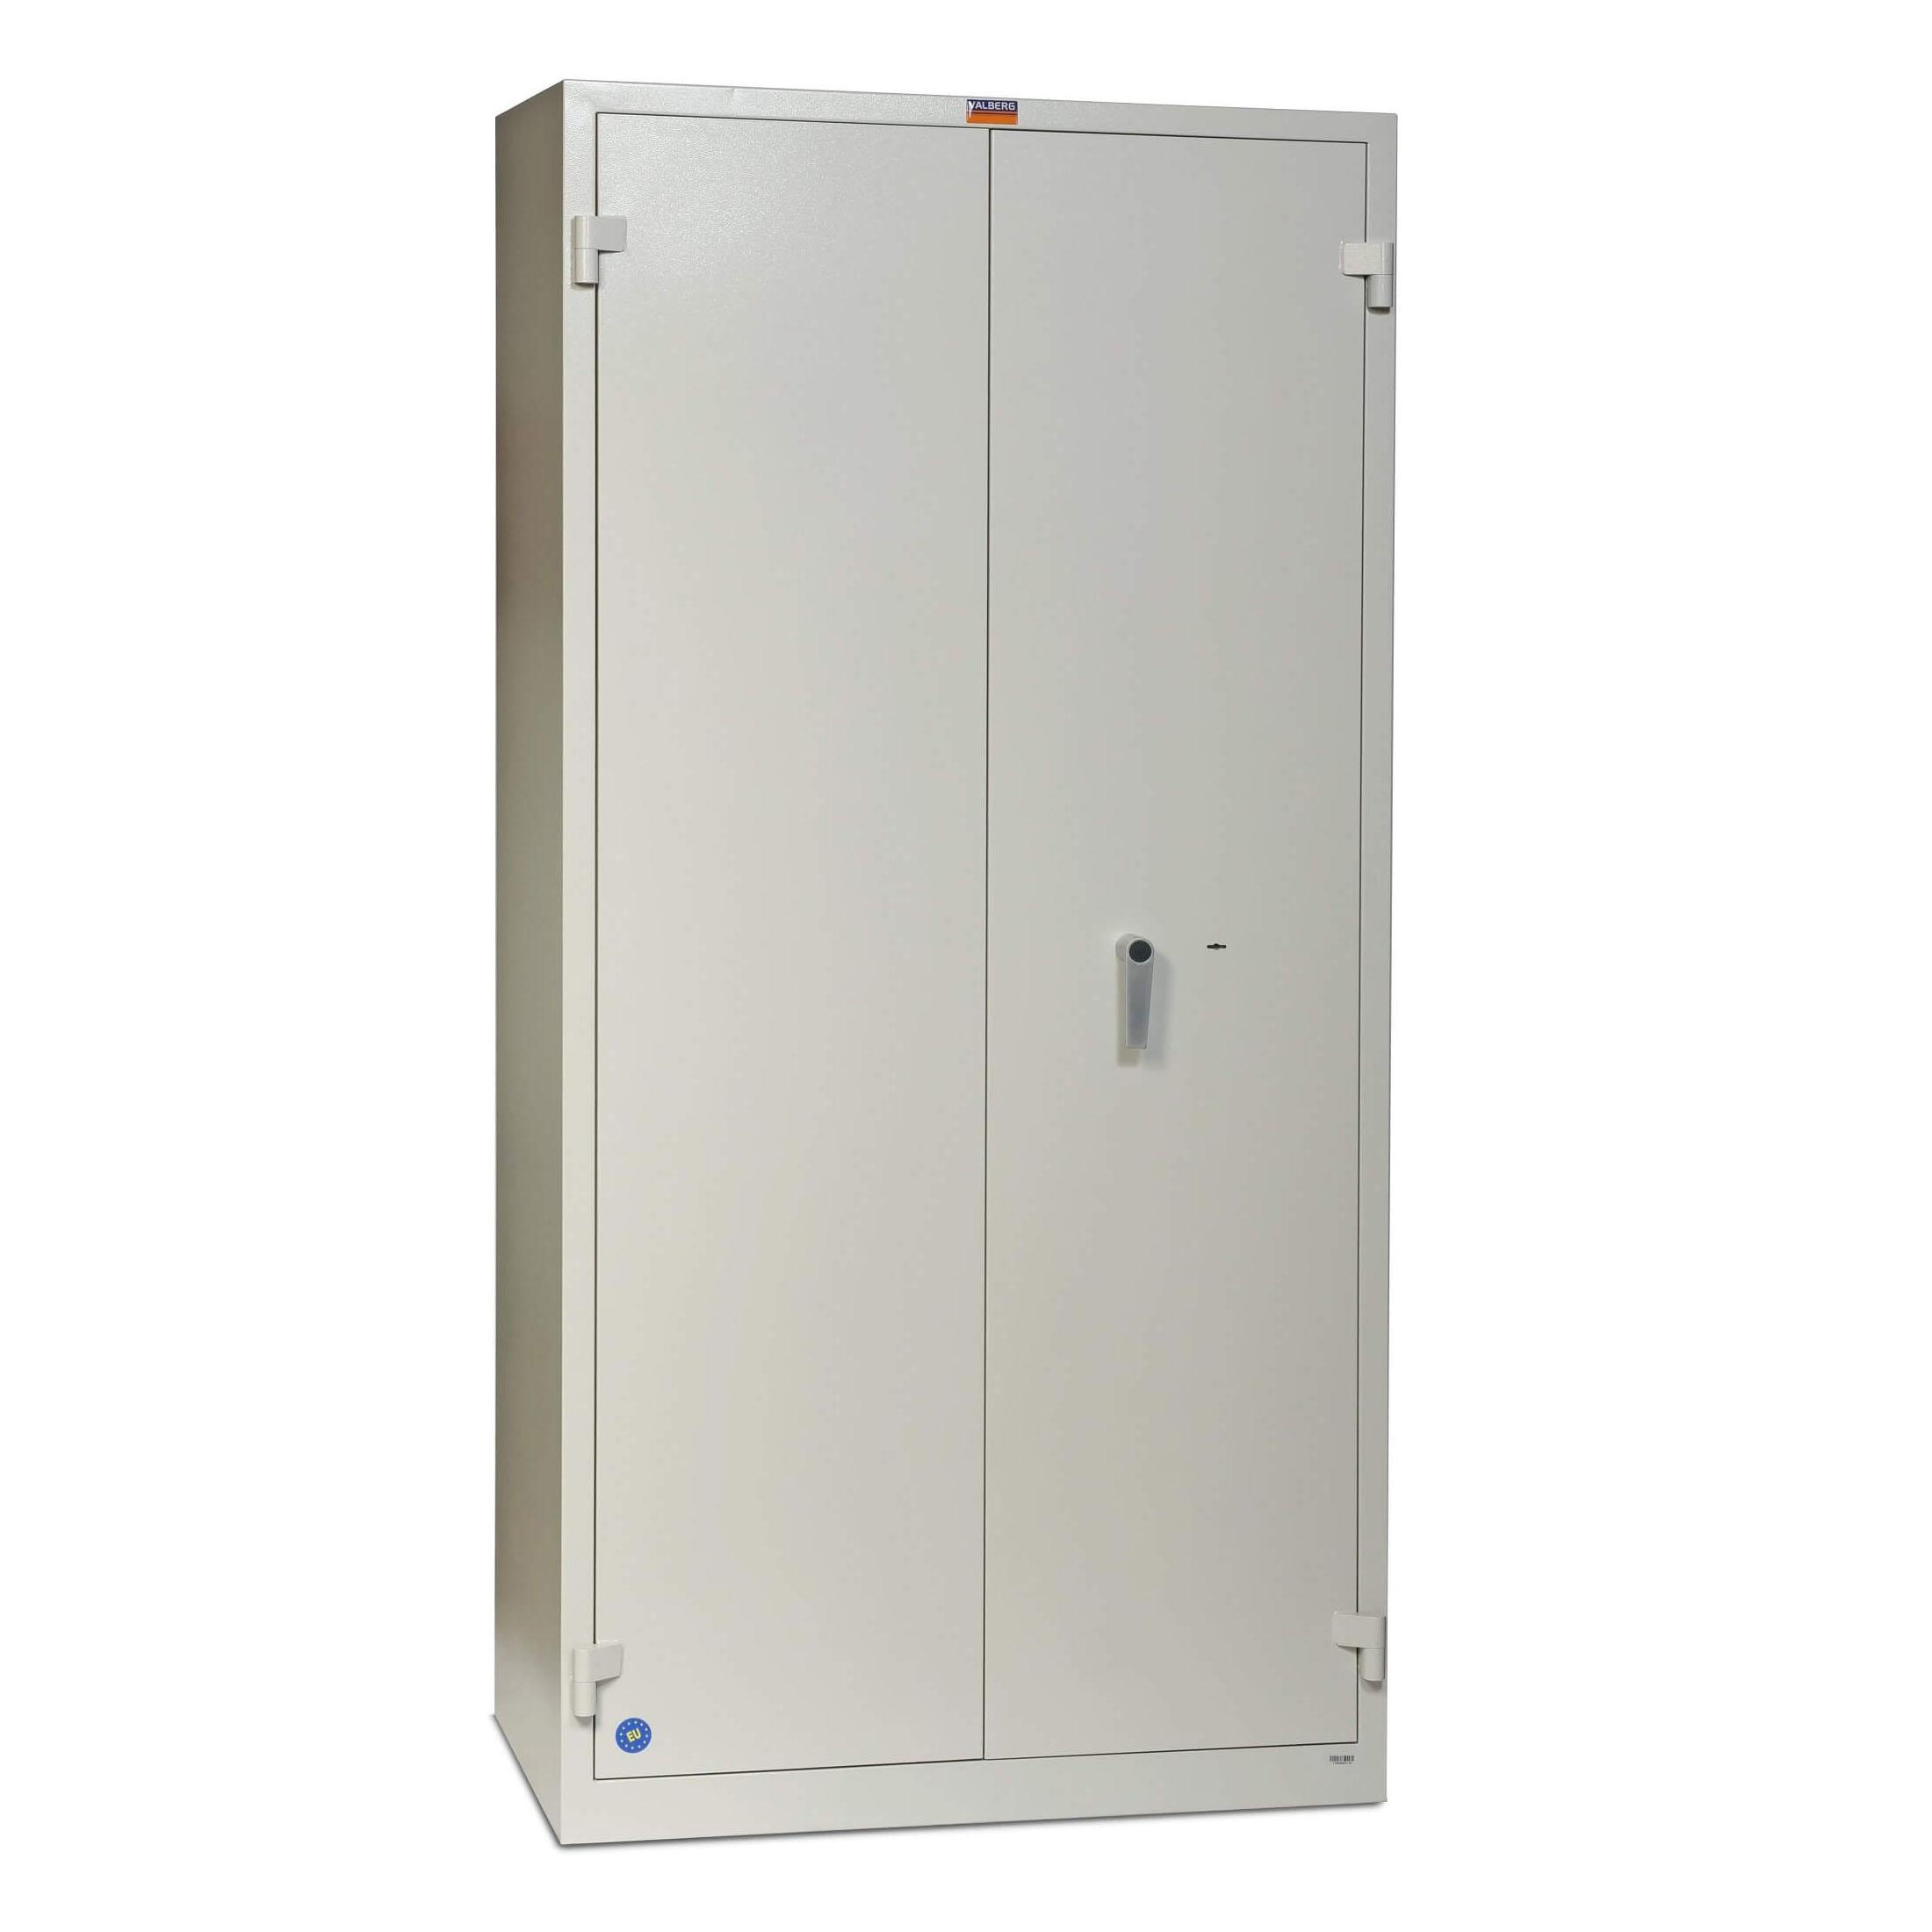 Valberg BM 1993-KL Cabinet Key Lock Fire Resistant Safe - Grey